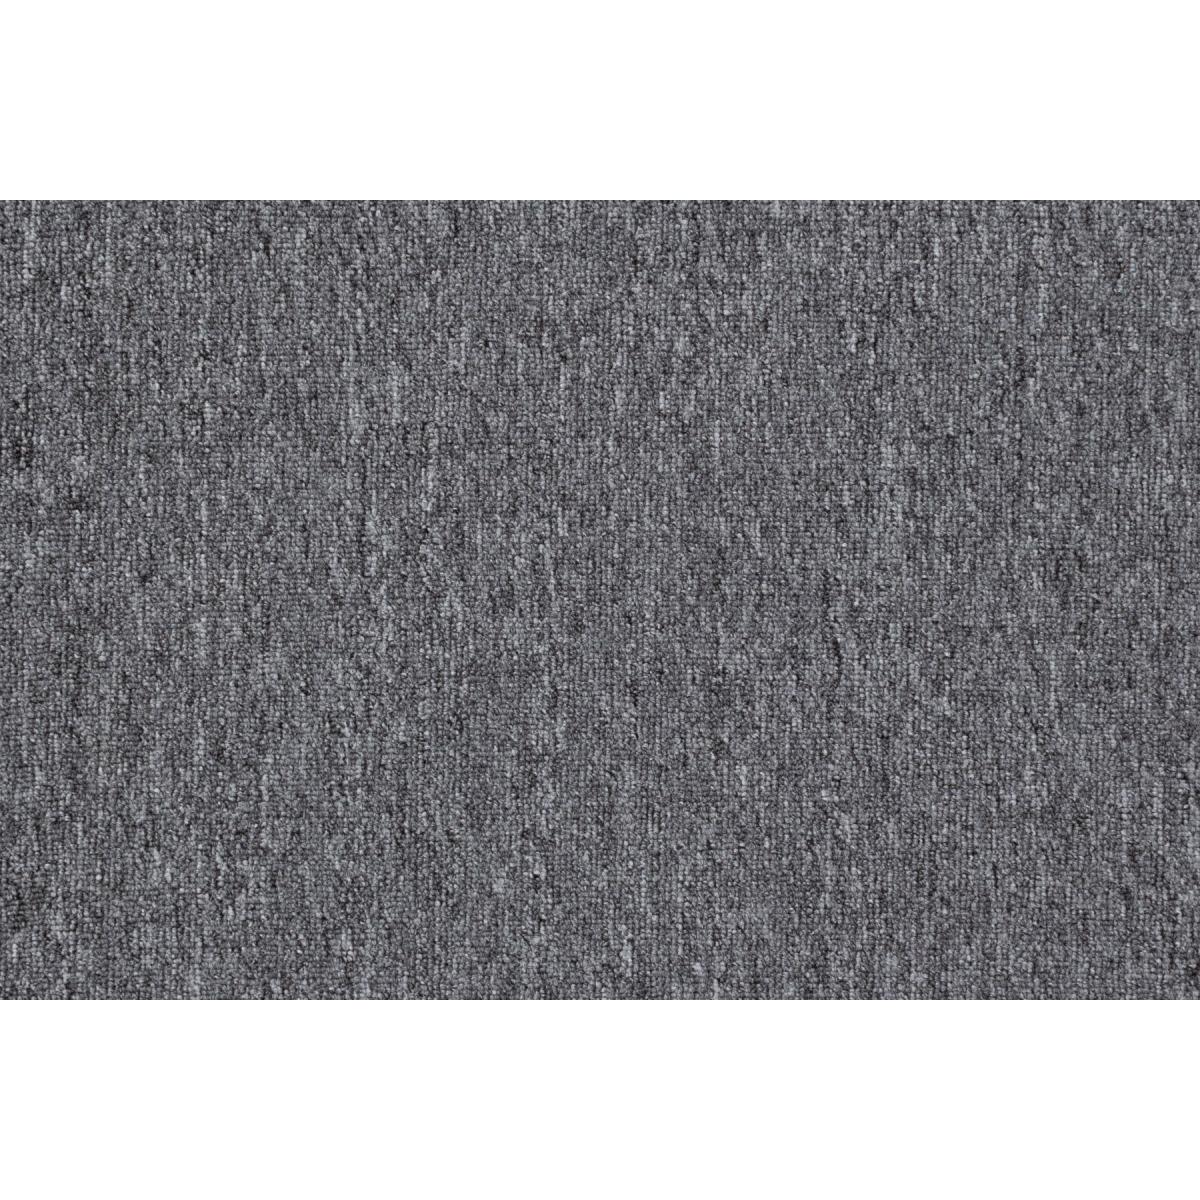 Teppeflis light grey Bithumen KD80-9817